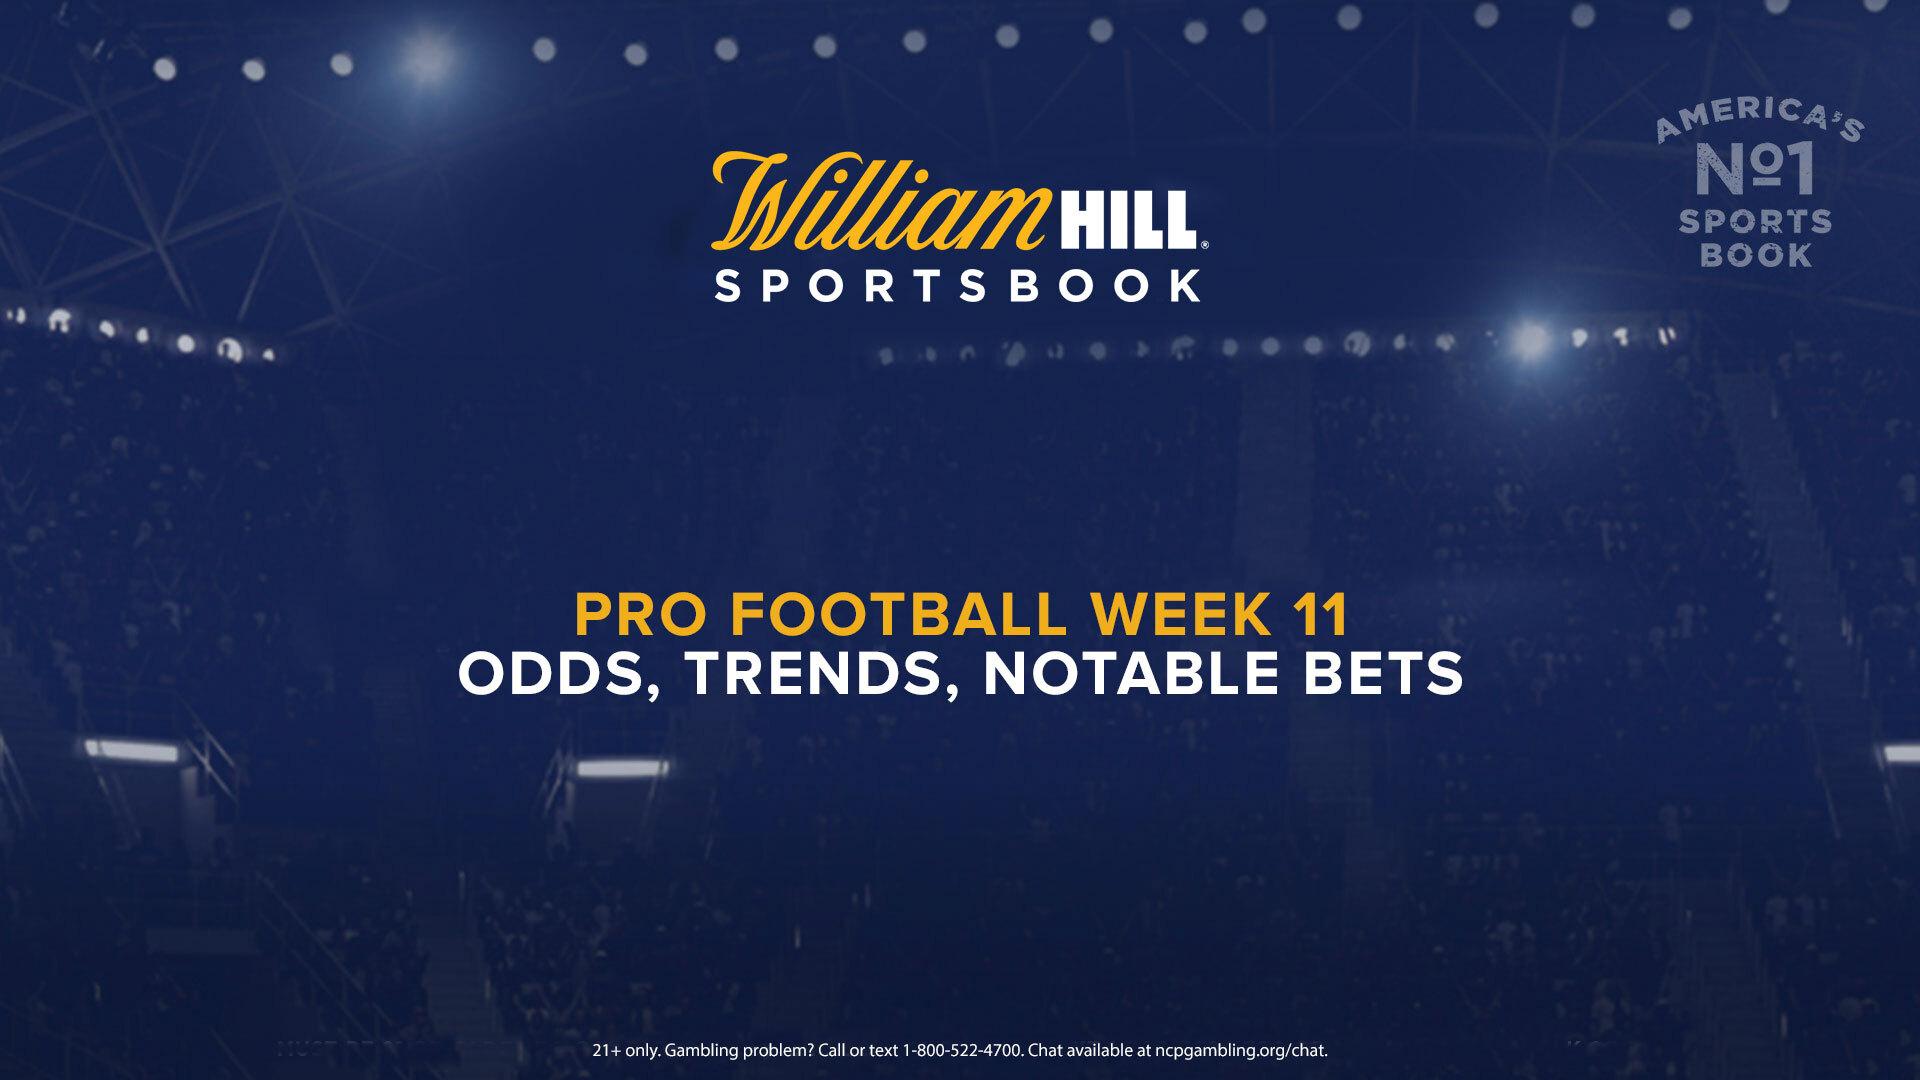 nfl betting odds week 11